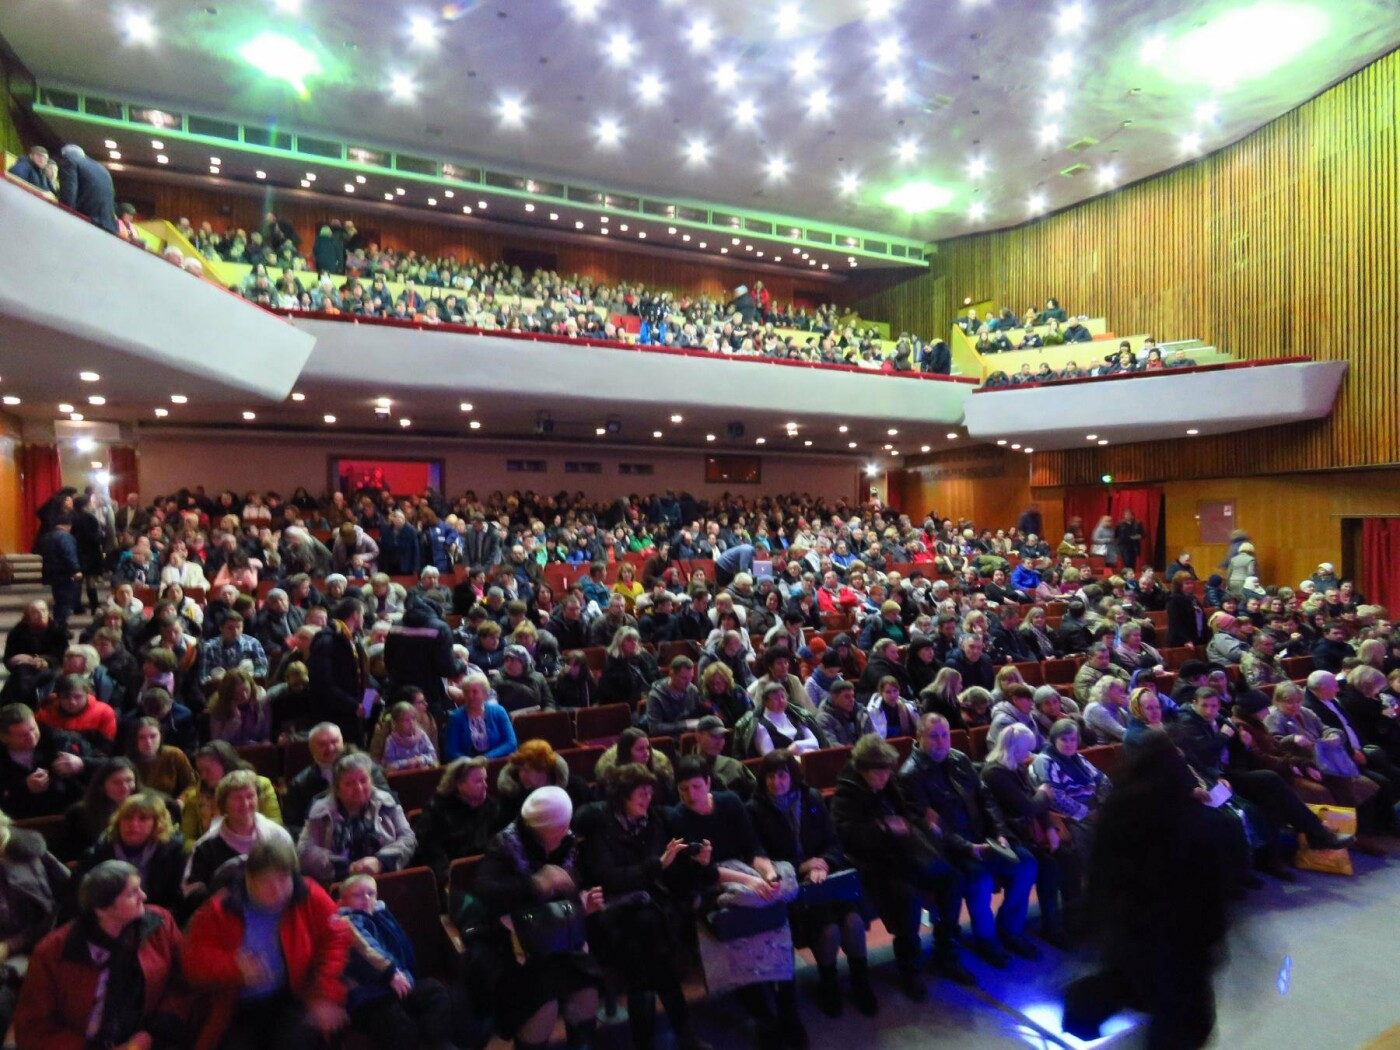 У Білій Церкві відбувся всеукраїнський фестиваль української пісні - «Пісня єднає Україну»